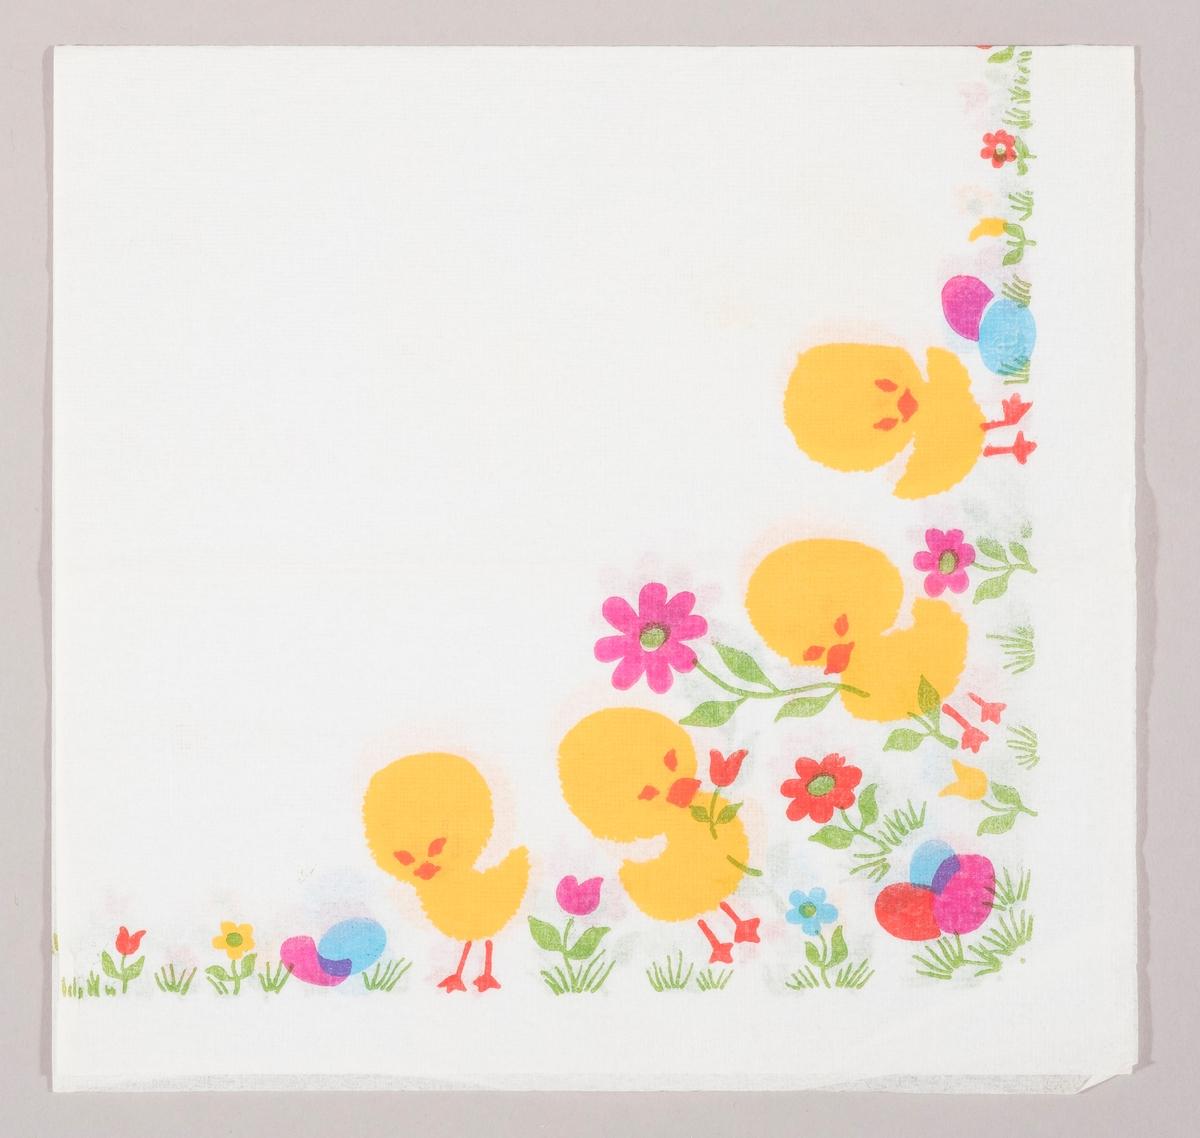 Fire kyllinger i en blomstereng med kulørte påskeegg og røde, gule og blå blomster. To av kyllingene holder en blomst.